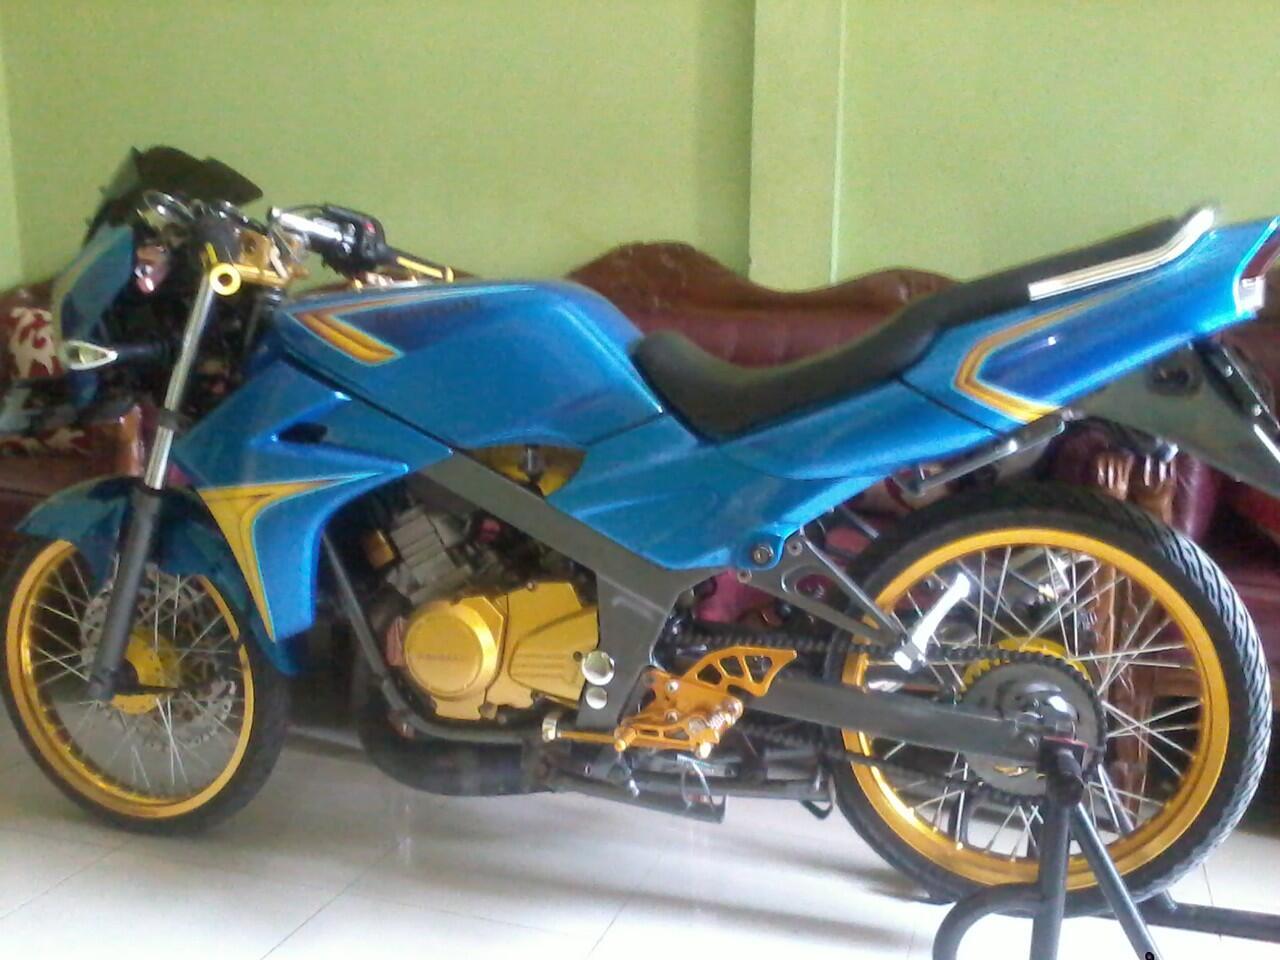 WTS Ninja R tahun 2001 warna biru, air brush